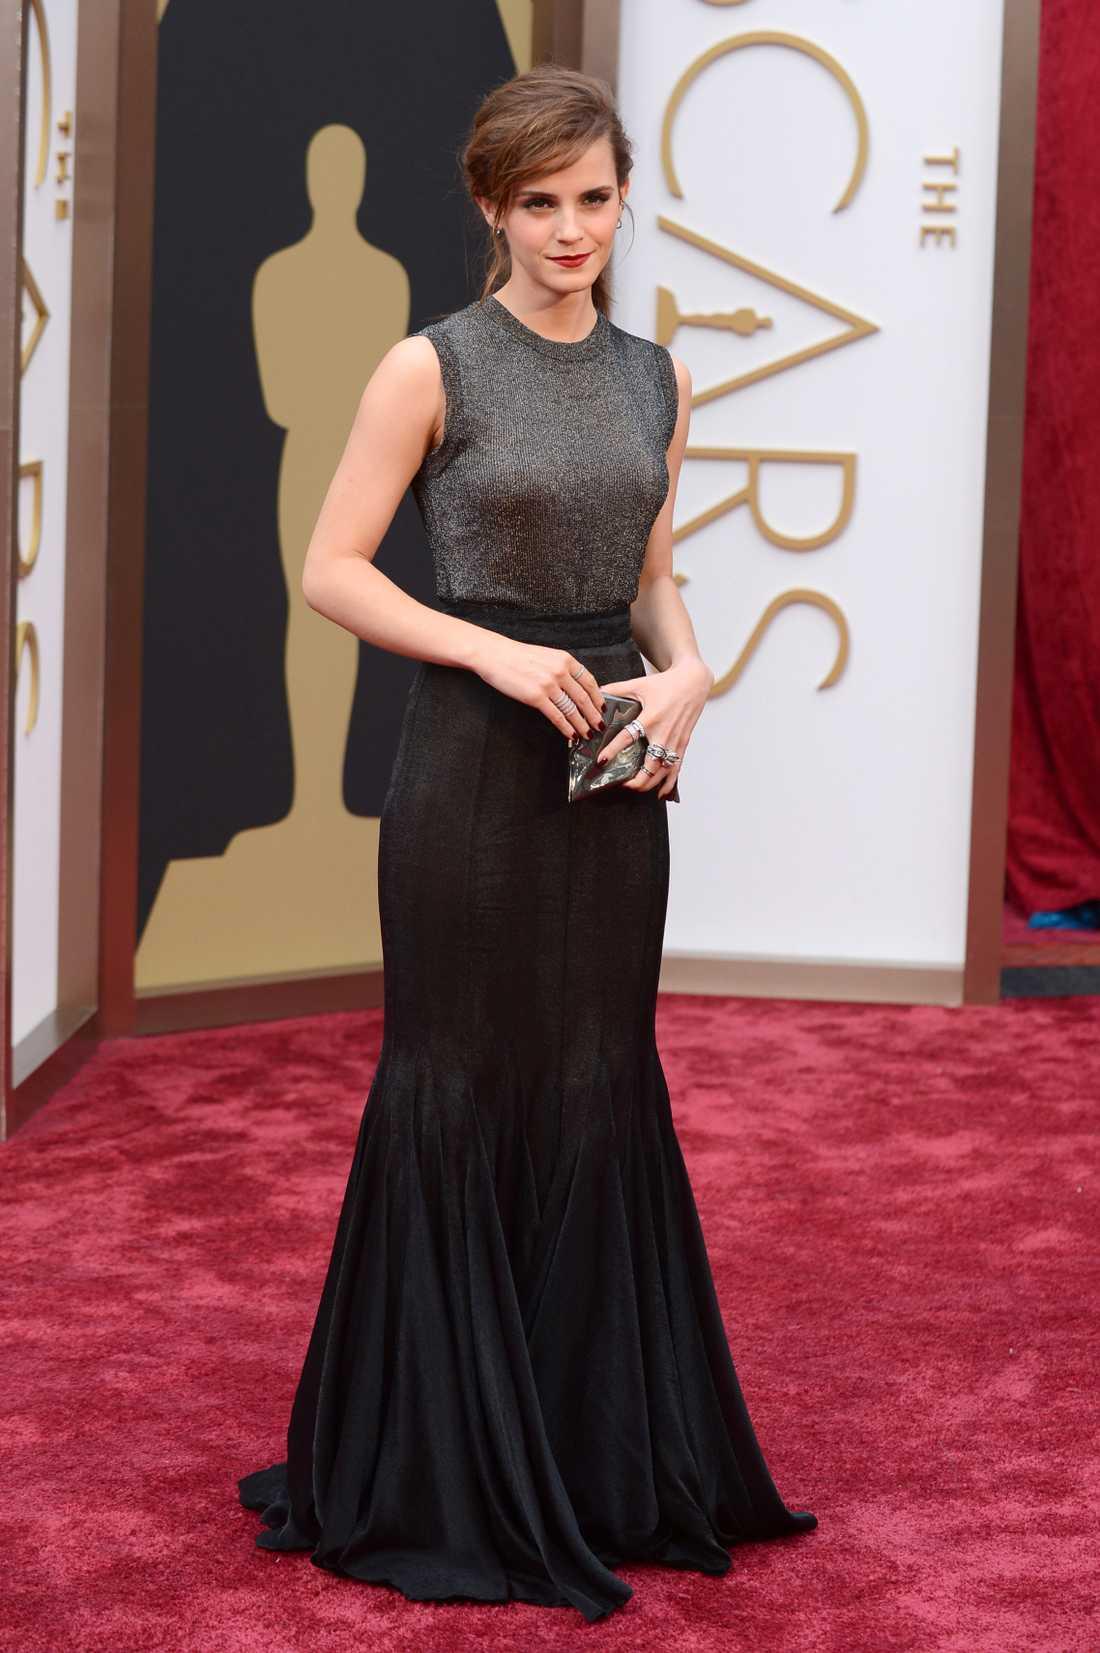 """++++ Emma Watson: """"Jag kan inte annat än applådera även detta. Så läcker kombination av Oscarsglamour och vanlig-fredags-topp i den här Vera Wang kreationen. Det låter kanske sisådär när jag beskriver det så men den här mixen känns ny, kul och otroligt läcker. Okej då, lite avdrag för fredagskänslan."""""""